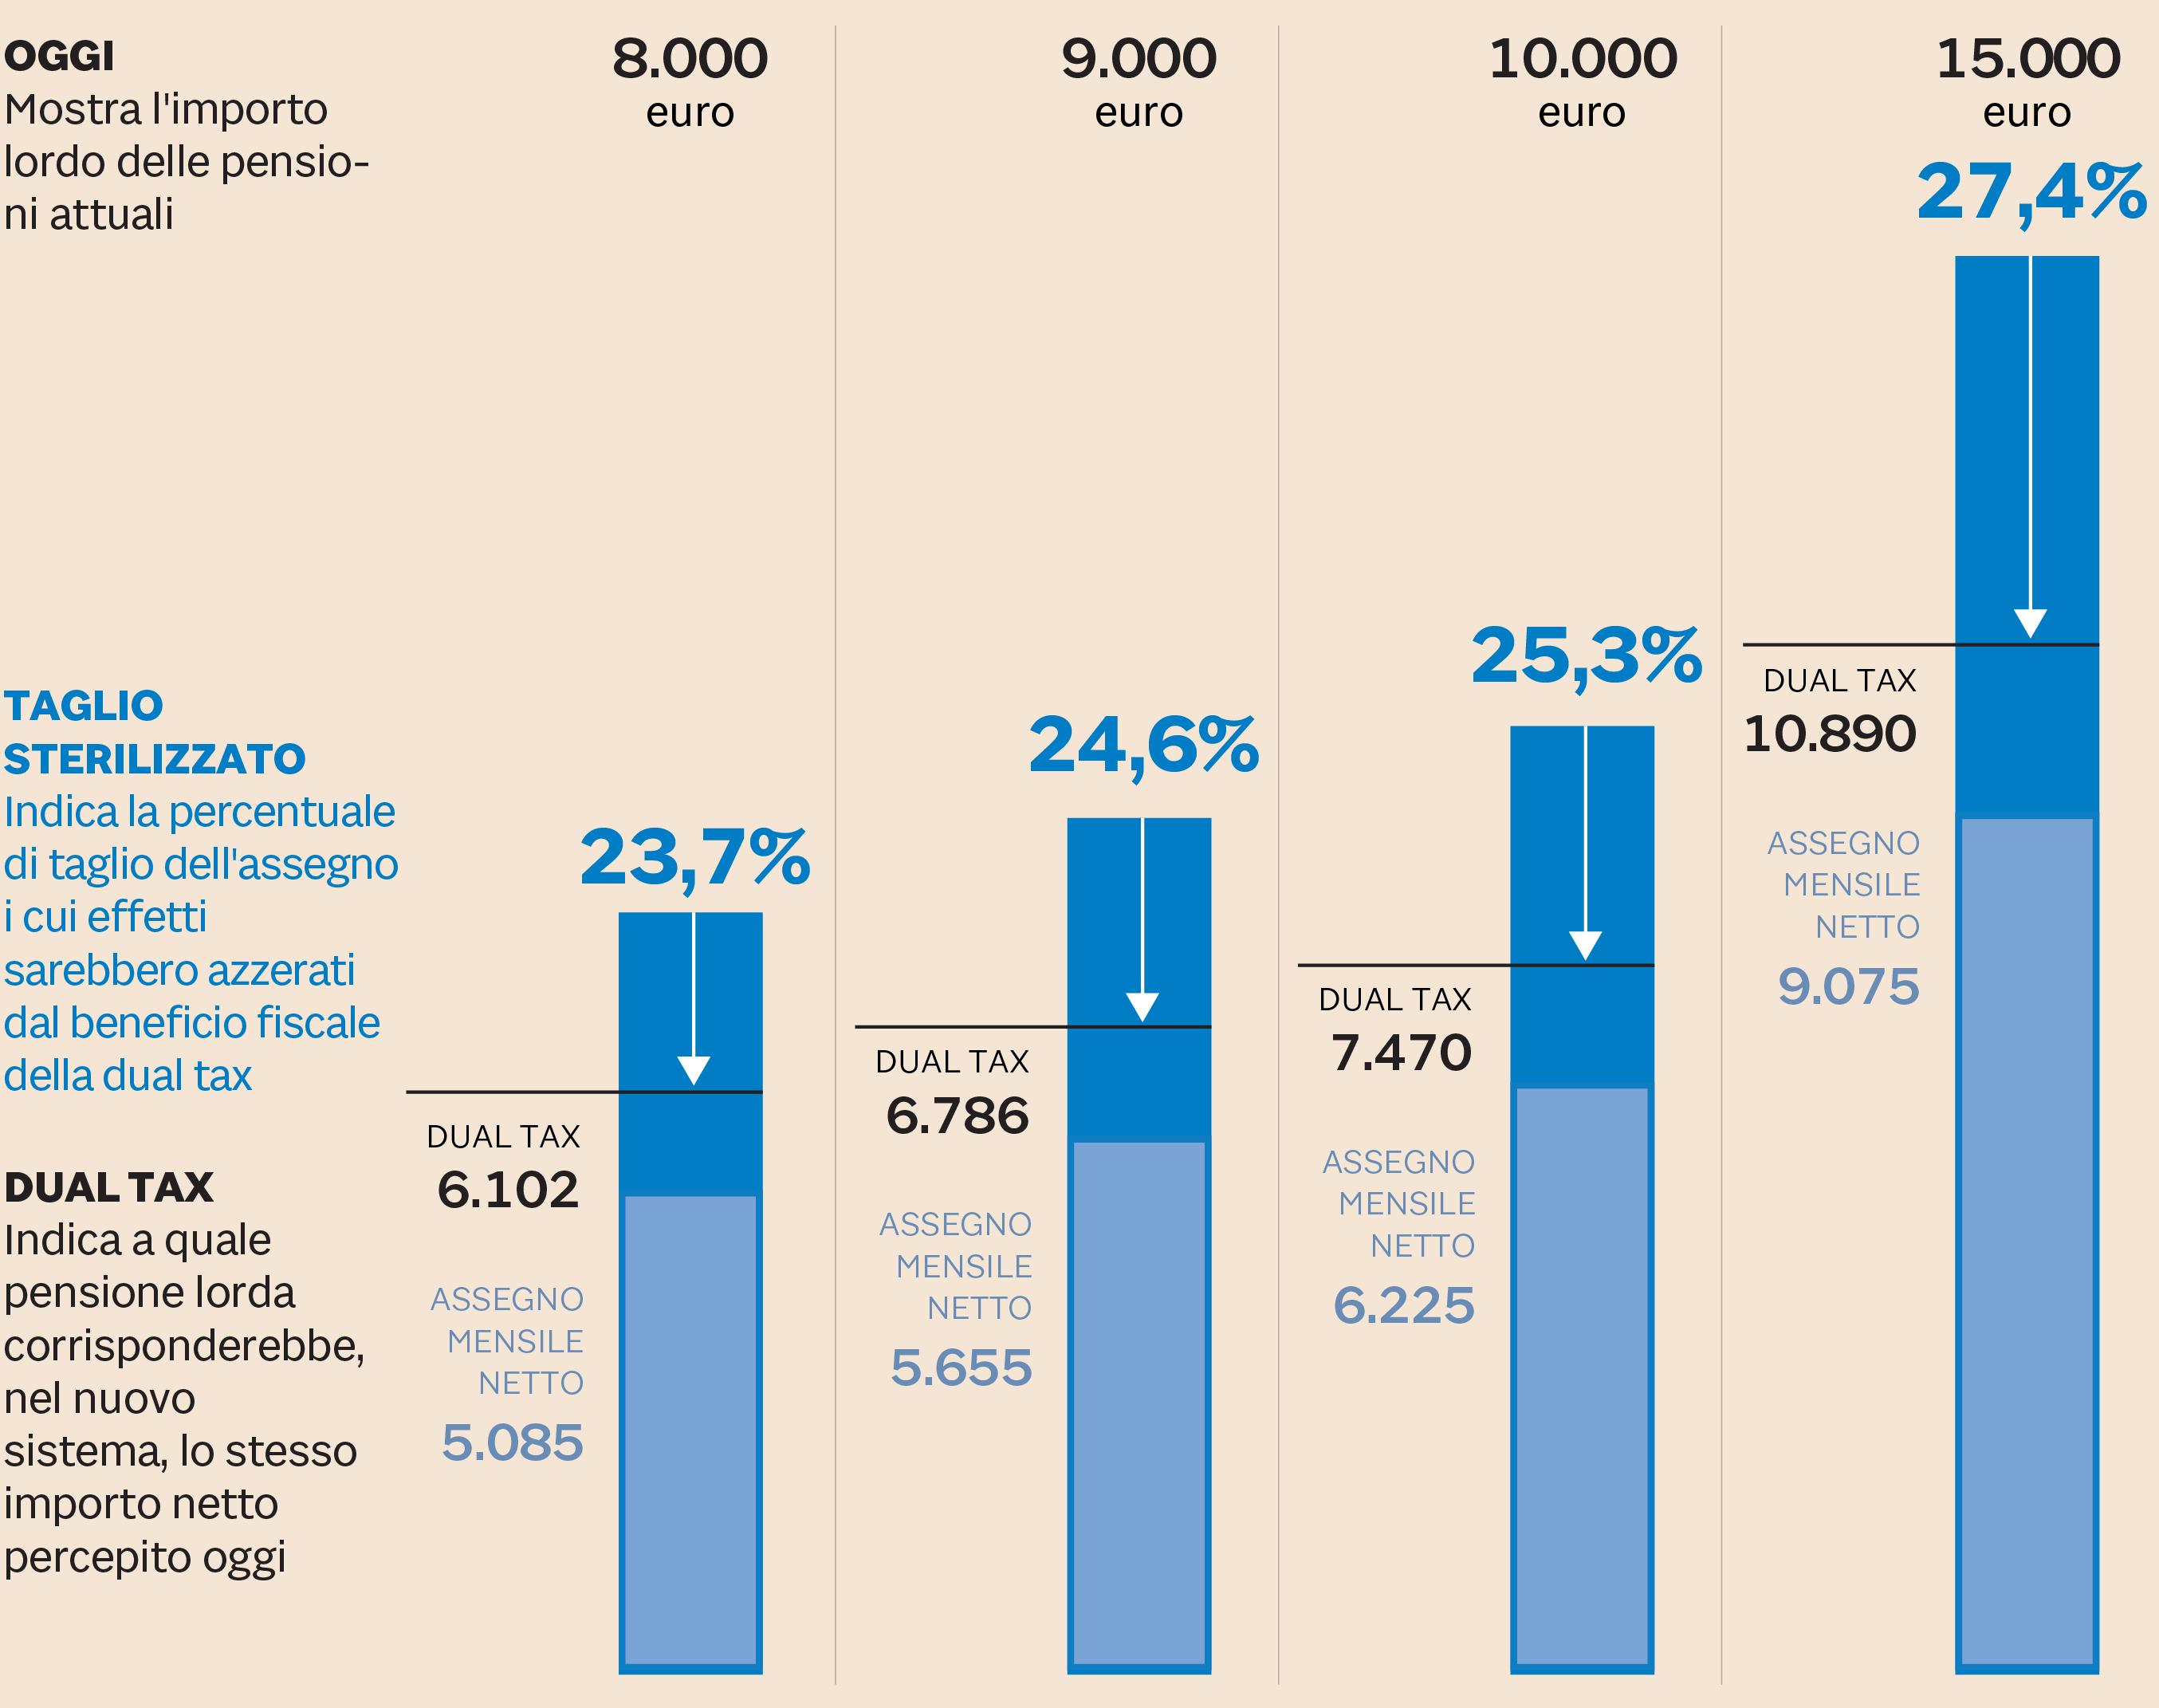 Pensioni, dal 2019 sono più basse. Tagli fino a mille euro